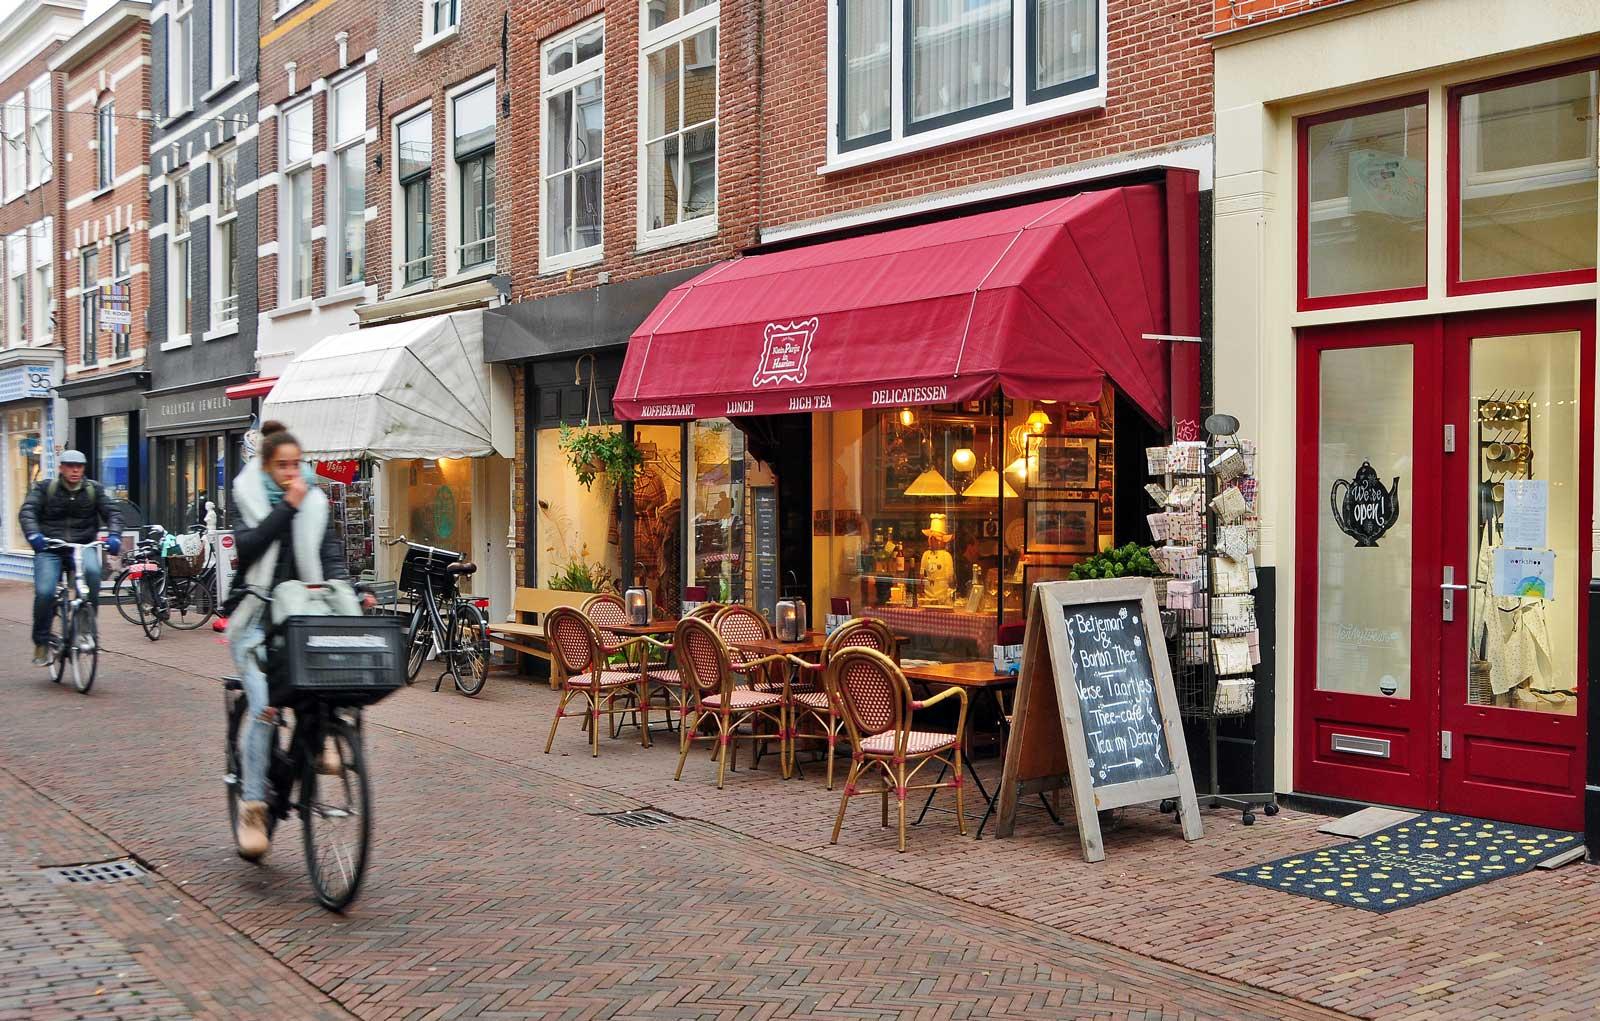 Holanda, Haarlem, viajes con amigas, viajes de mujeres